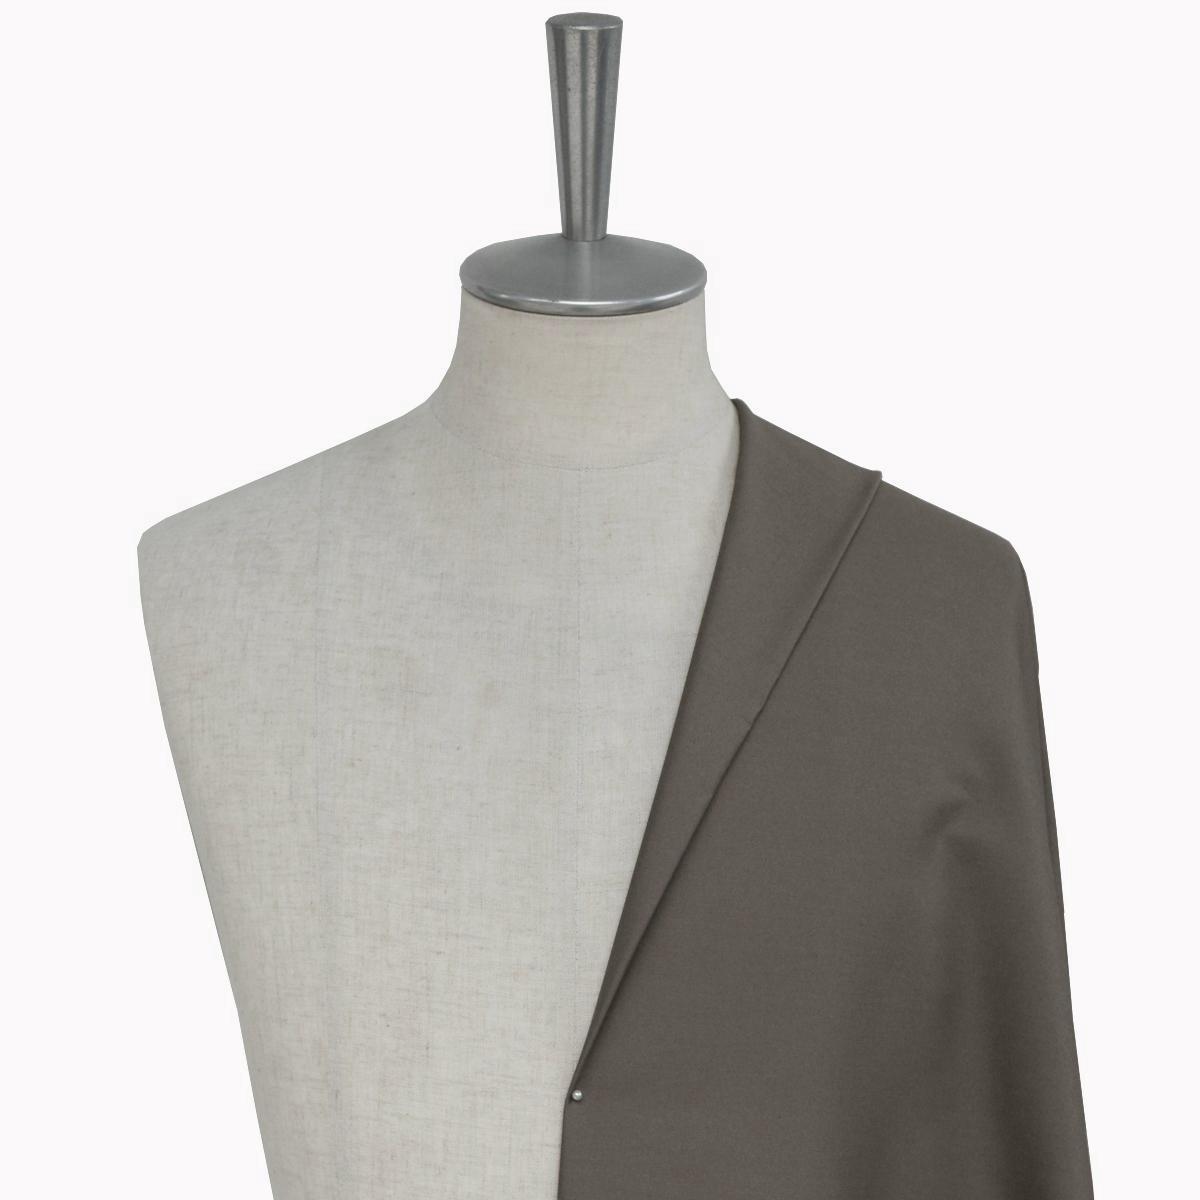 [オーダーレディーススーツ スカートセット]快適な着心地で、ビジネスパフォーマンスもUP!